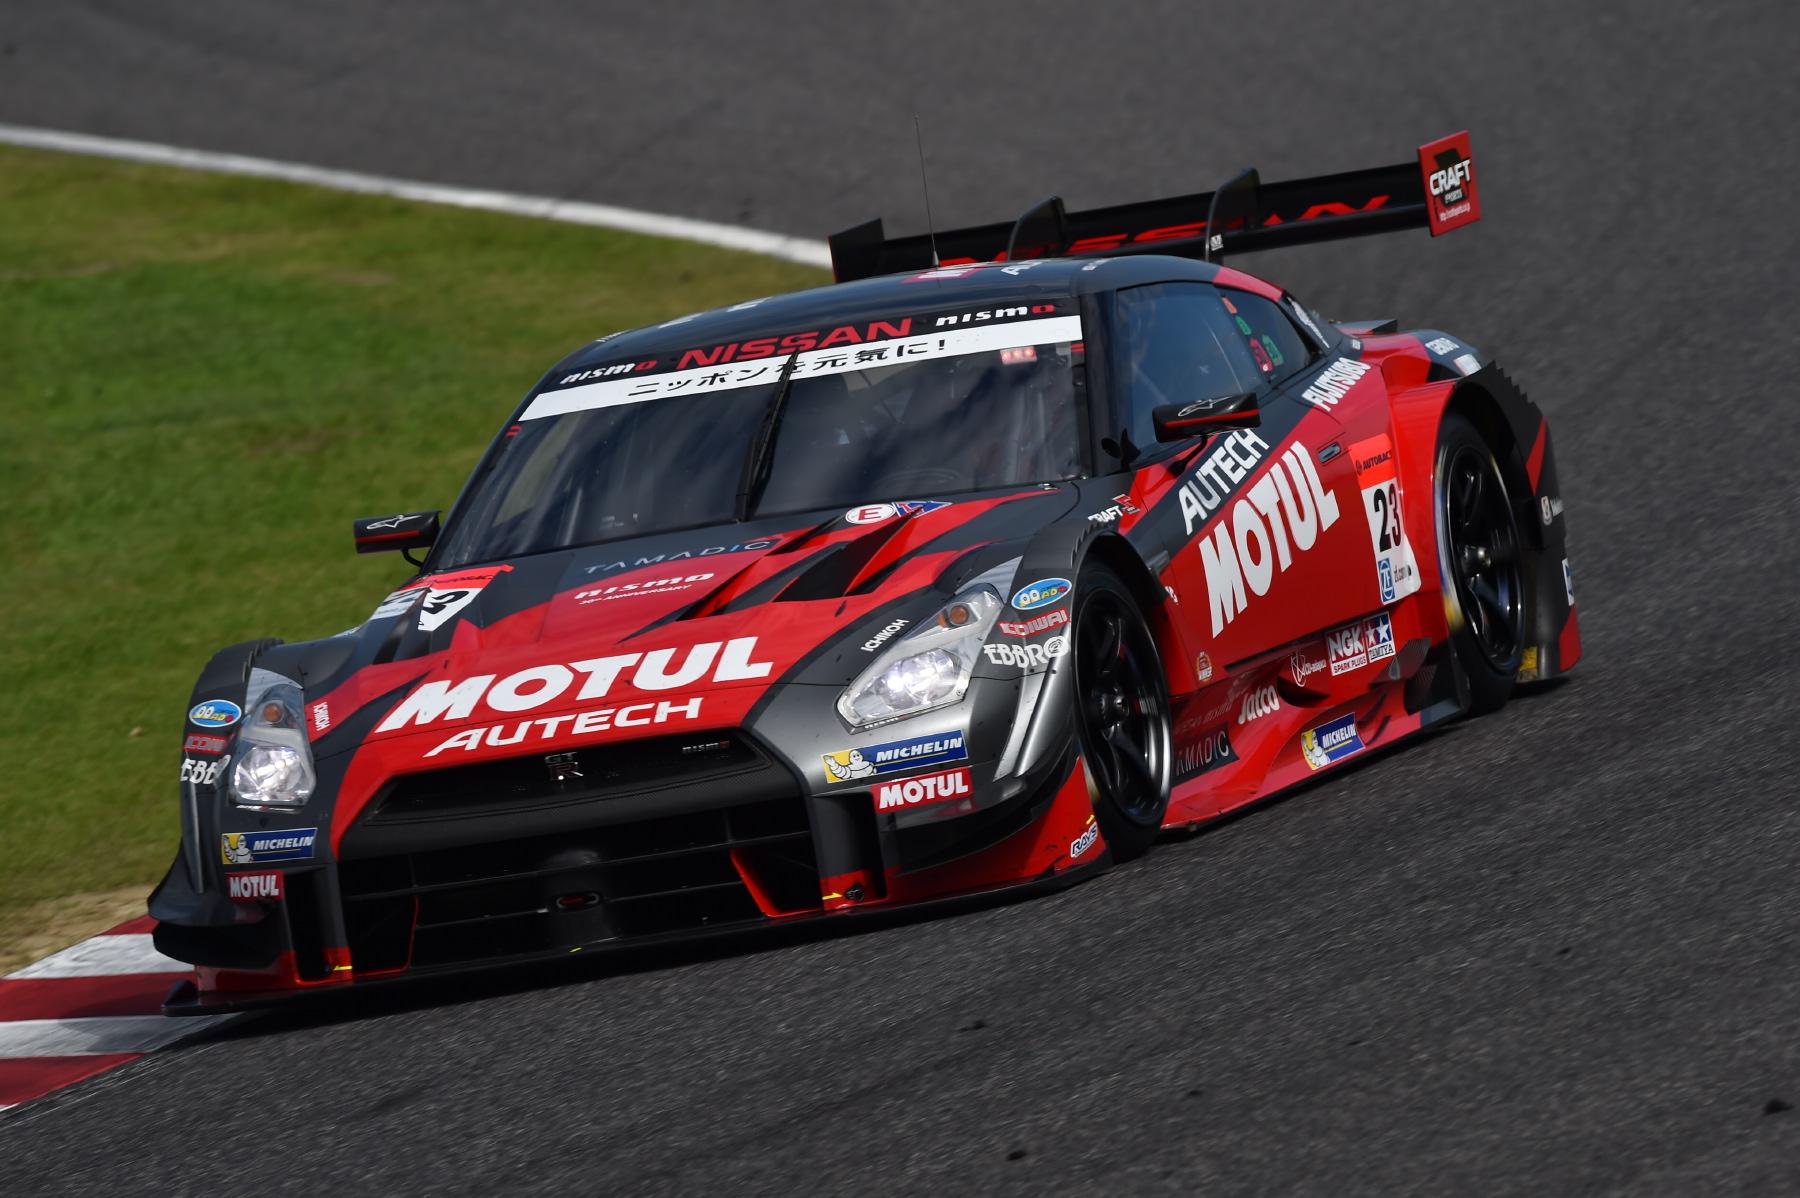 ... 2014 Motul Autech Gt R Racingblog | 2017 - 2018 Best Cars Reviews